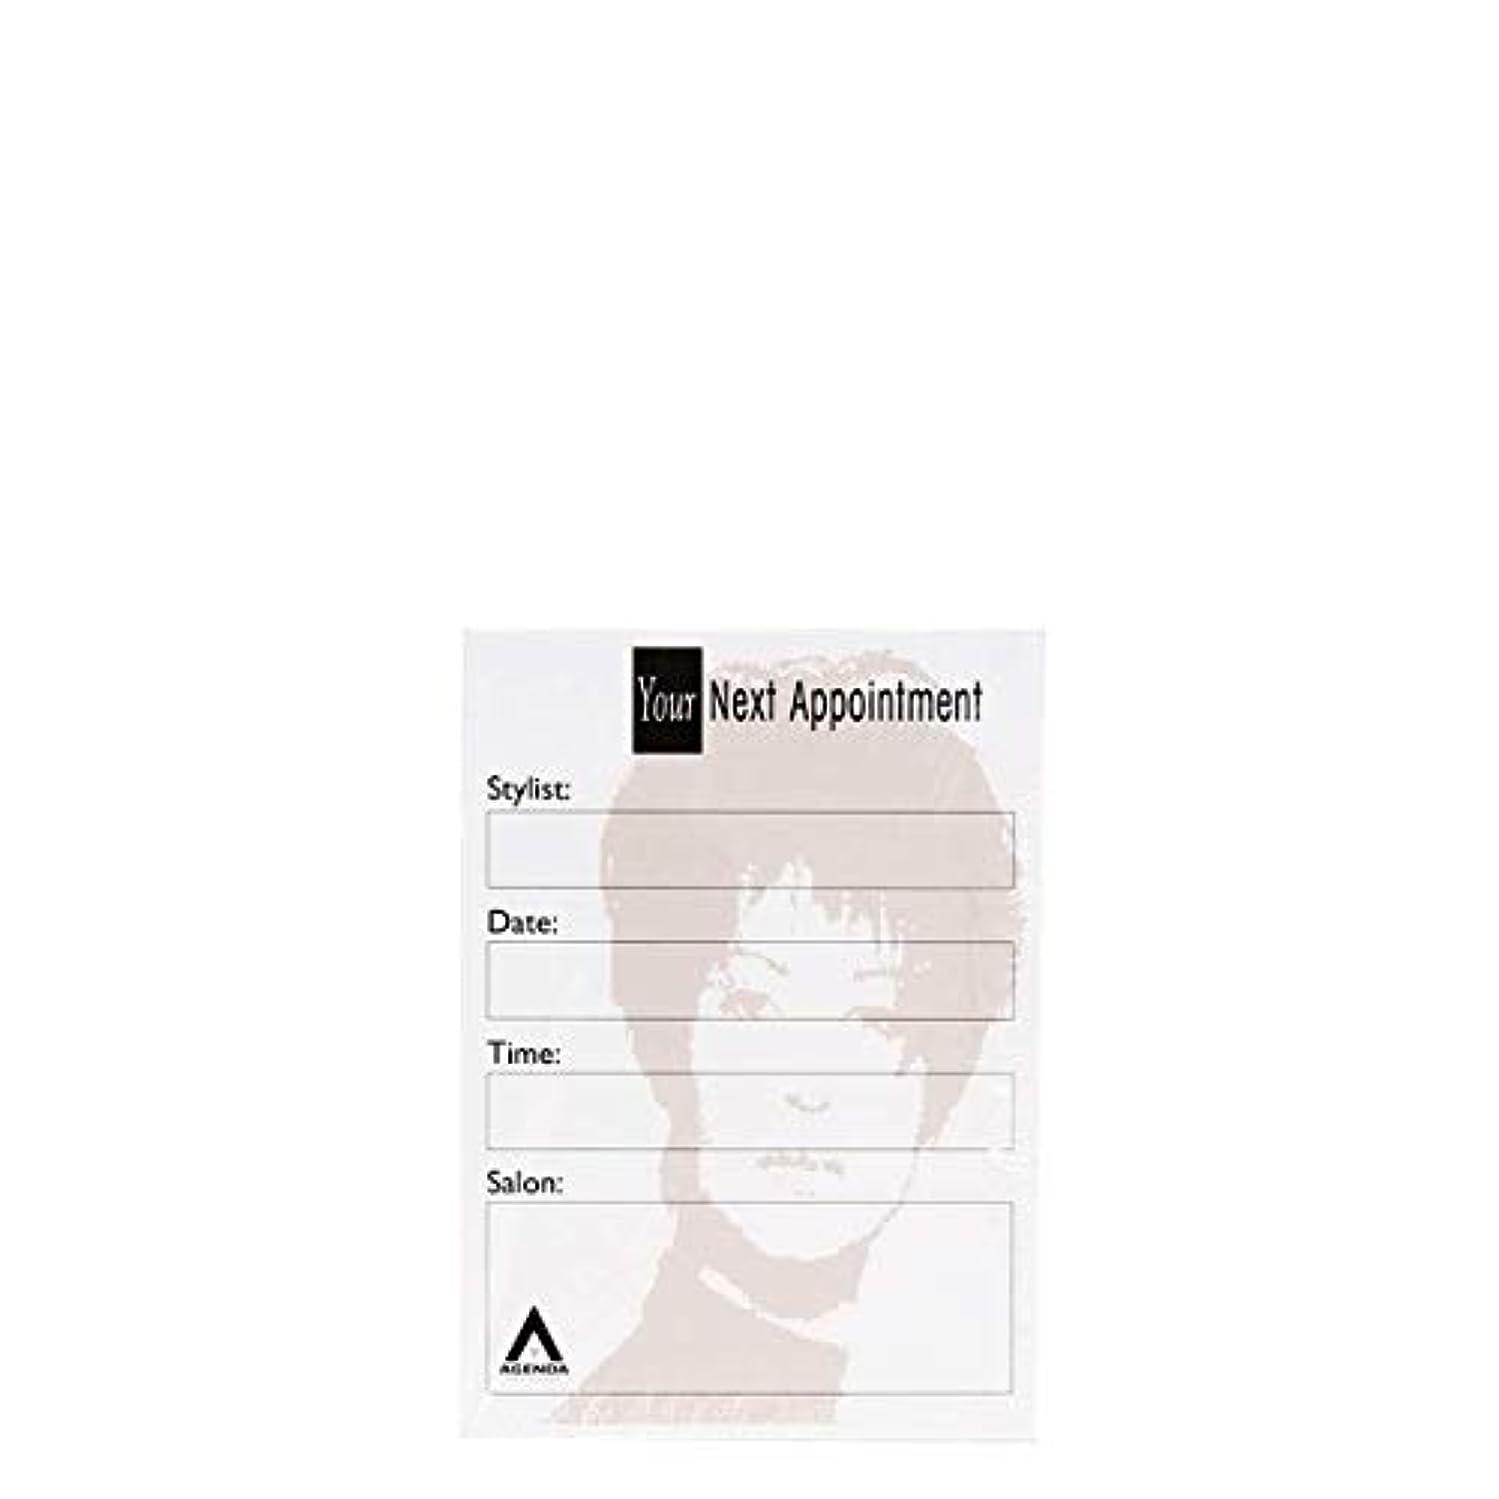 排泄するつまらないケイ素アジェンダ サロンコンセプト ネイルアポイントメントカードAP2 x100[海外直送品] [並行輸入品]